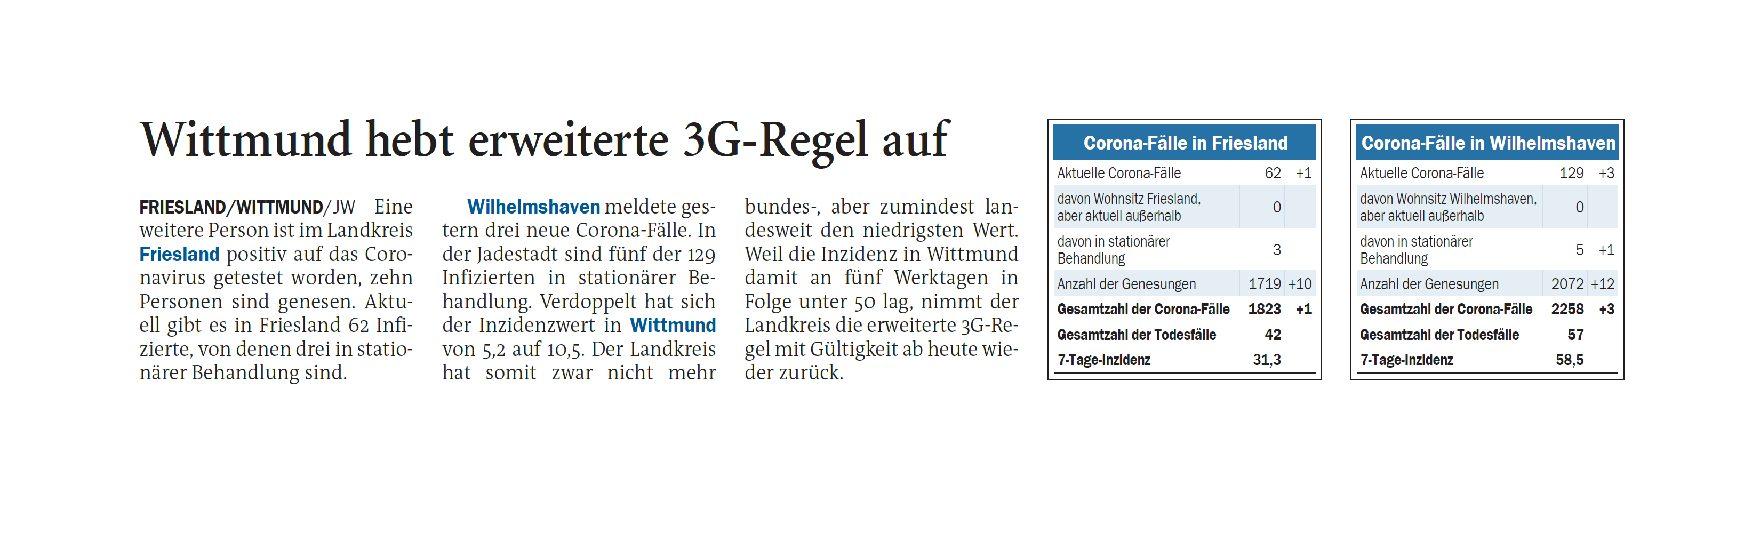 Jeversches Wochenblatt 22.09.21 II